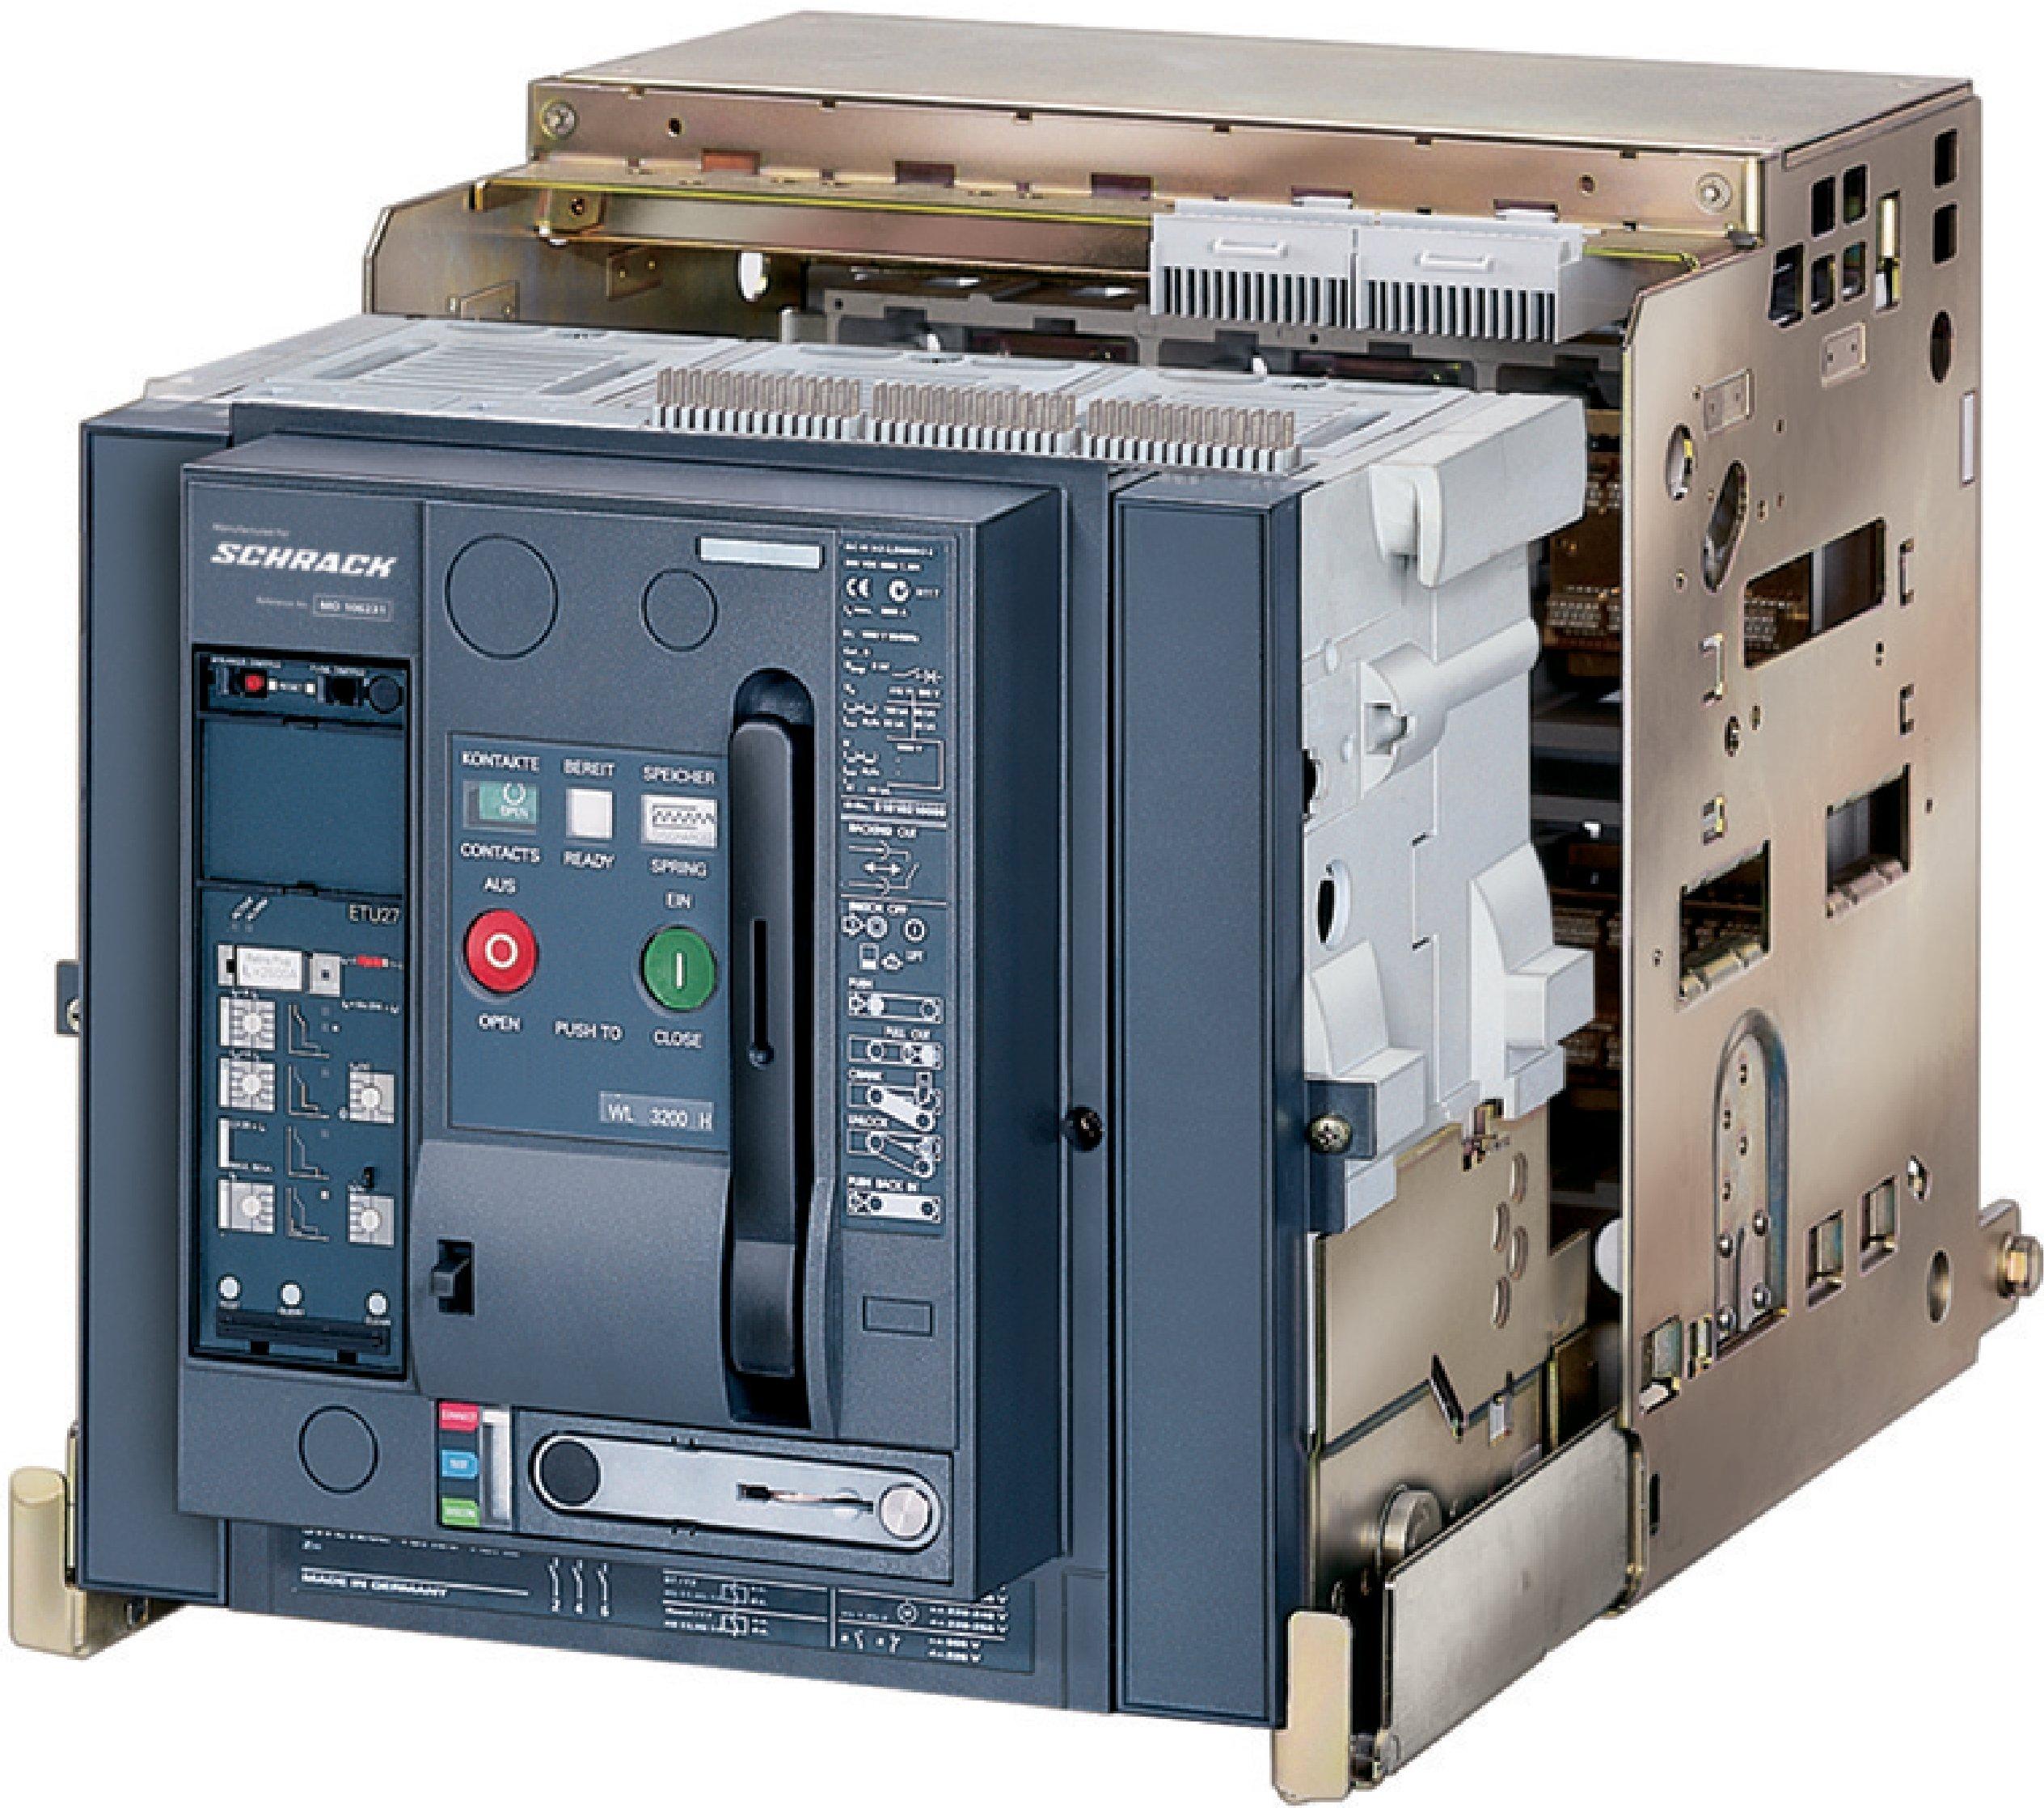 1 Stk Leistungsschalter, MO1, 3-polig, 1250A, 66kA, ausfahrbar, RH MO112336--